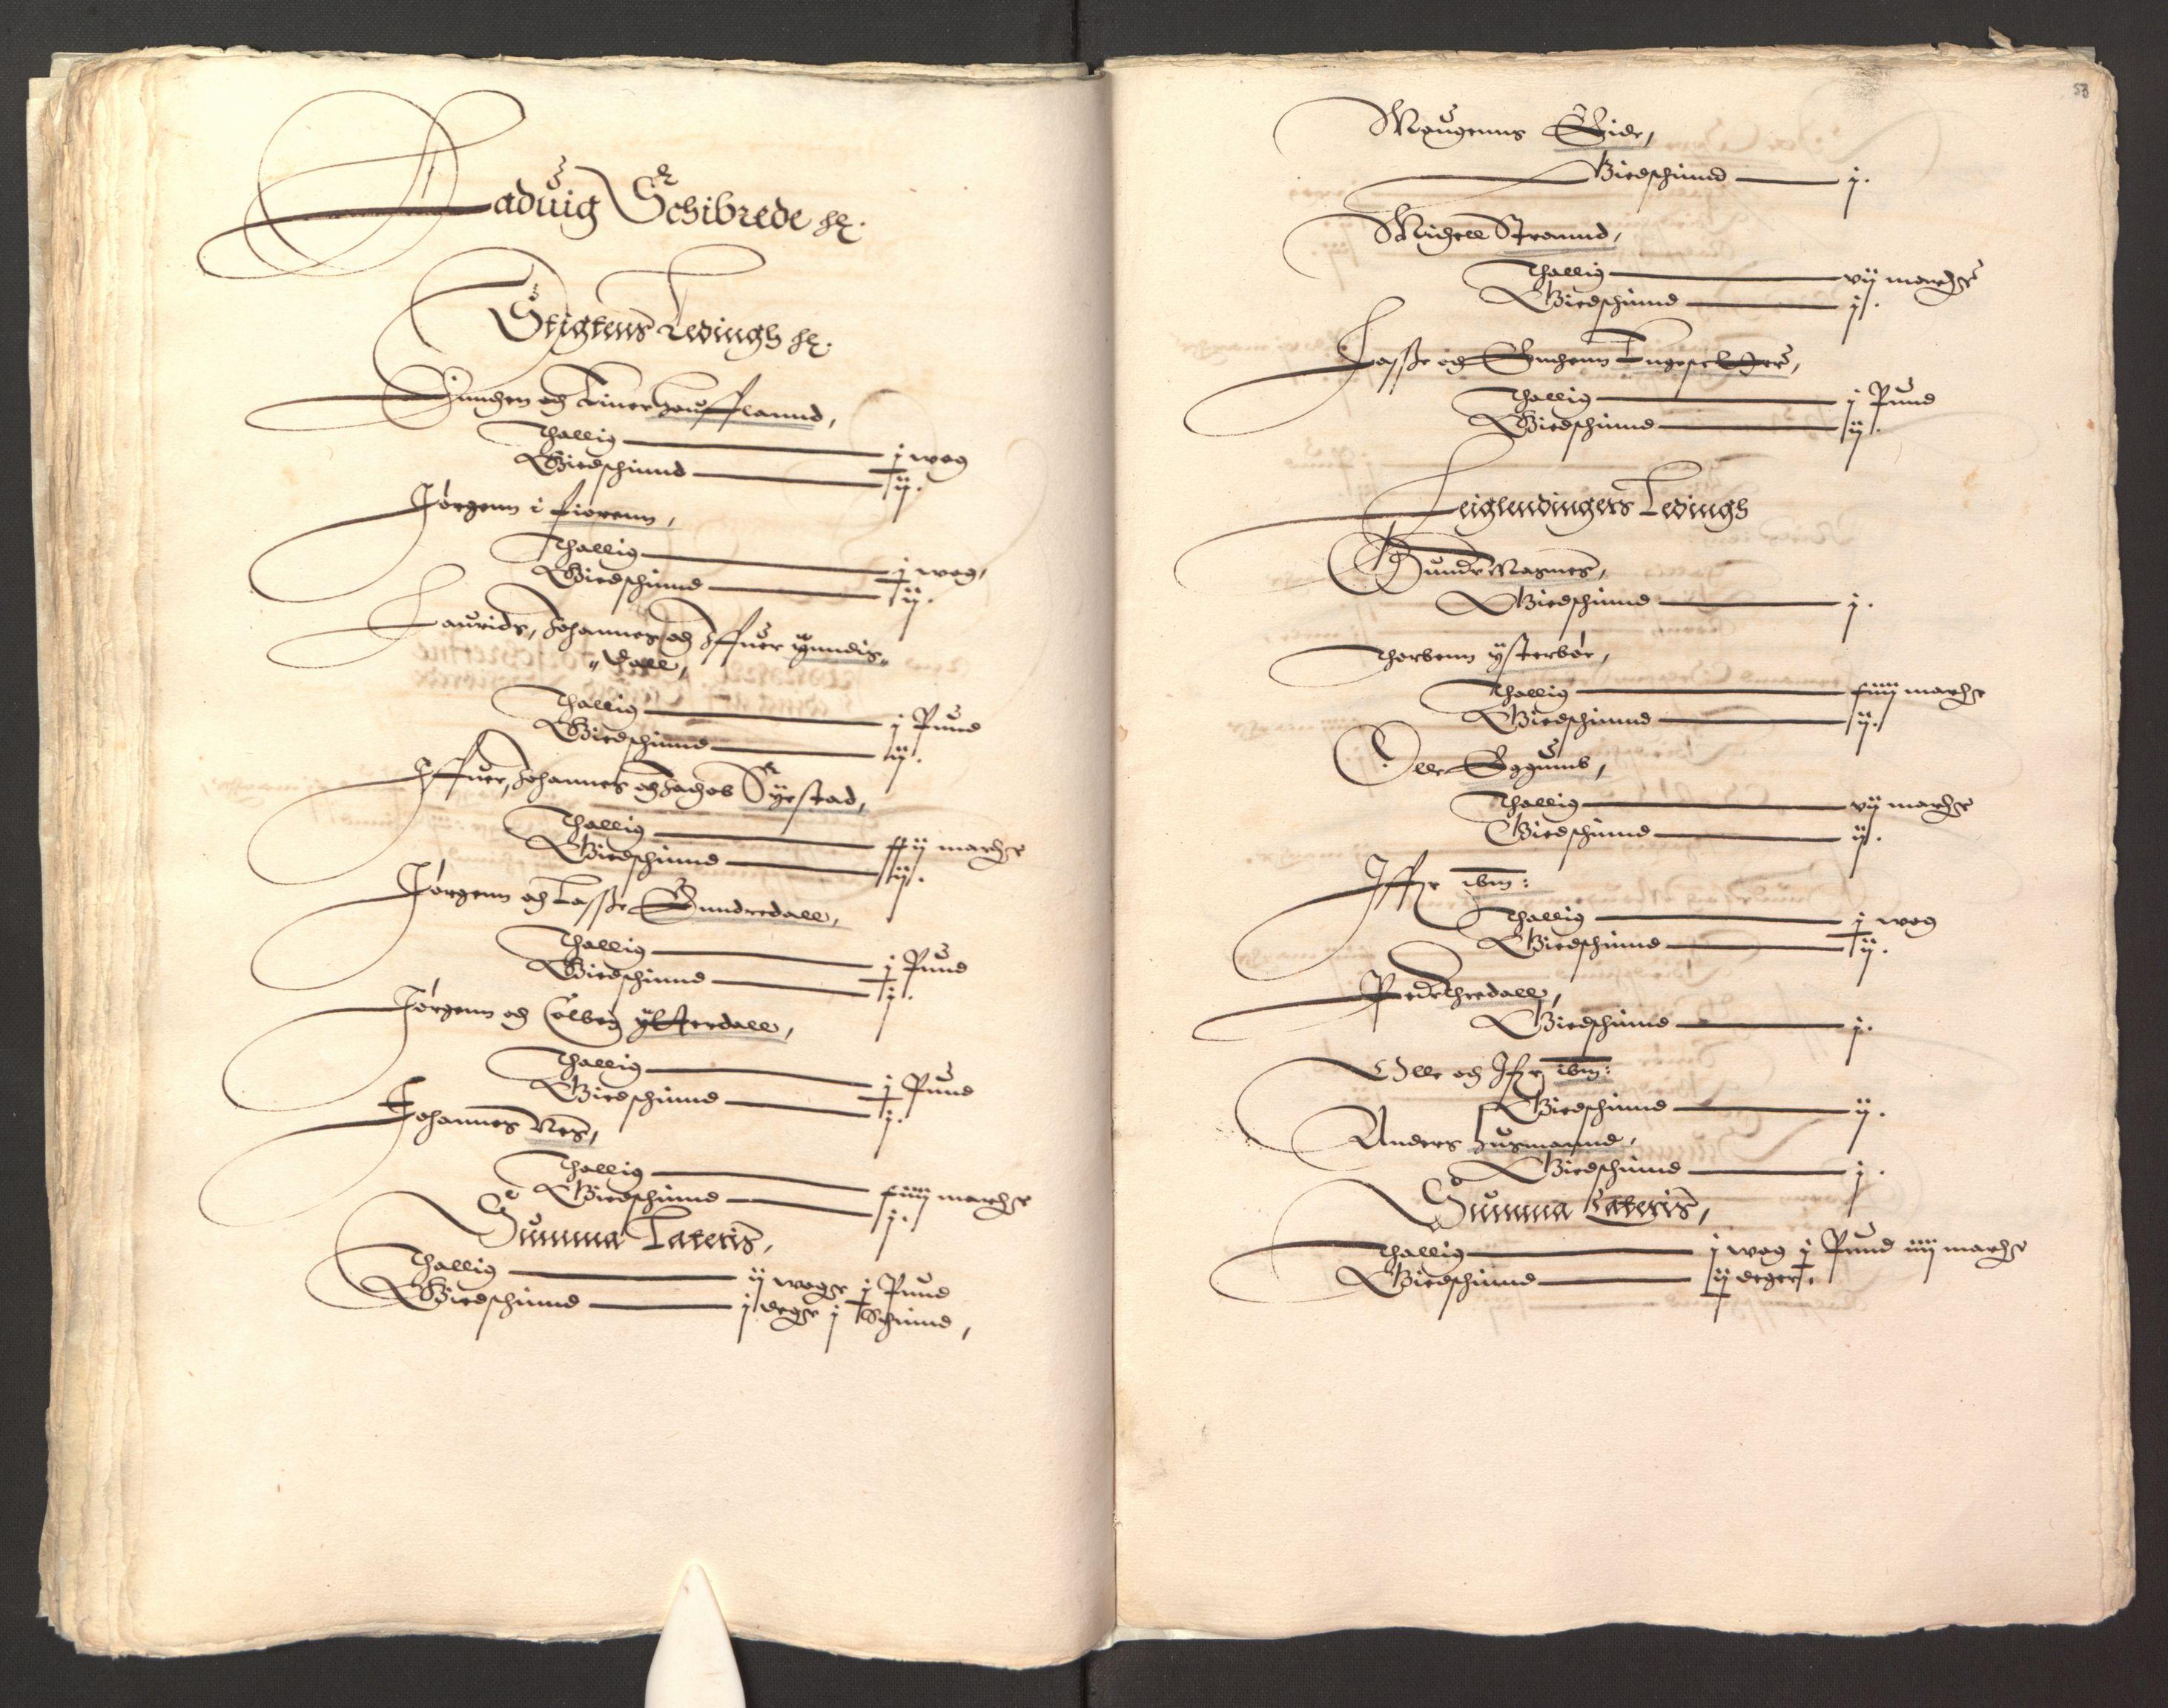 RA, Stattholderembetet 1572-1771, Ek/L0003: Jordebøker til utlikning av garnisonsskatt 1624-1626:, 1624-1625, s. 169